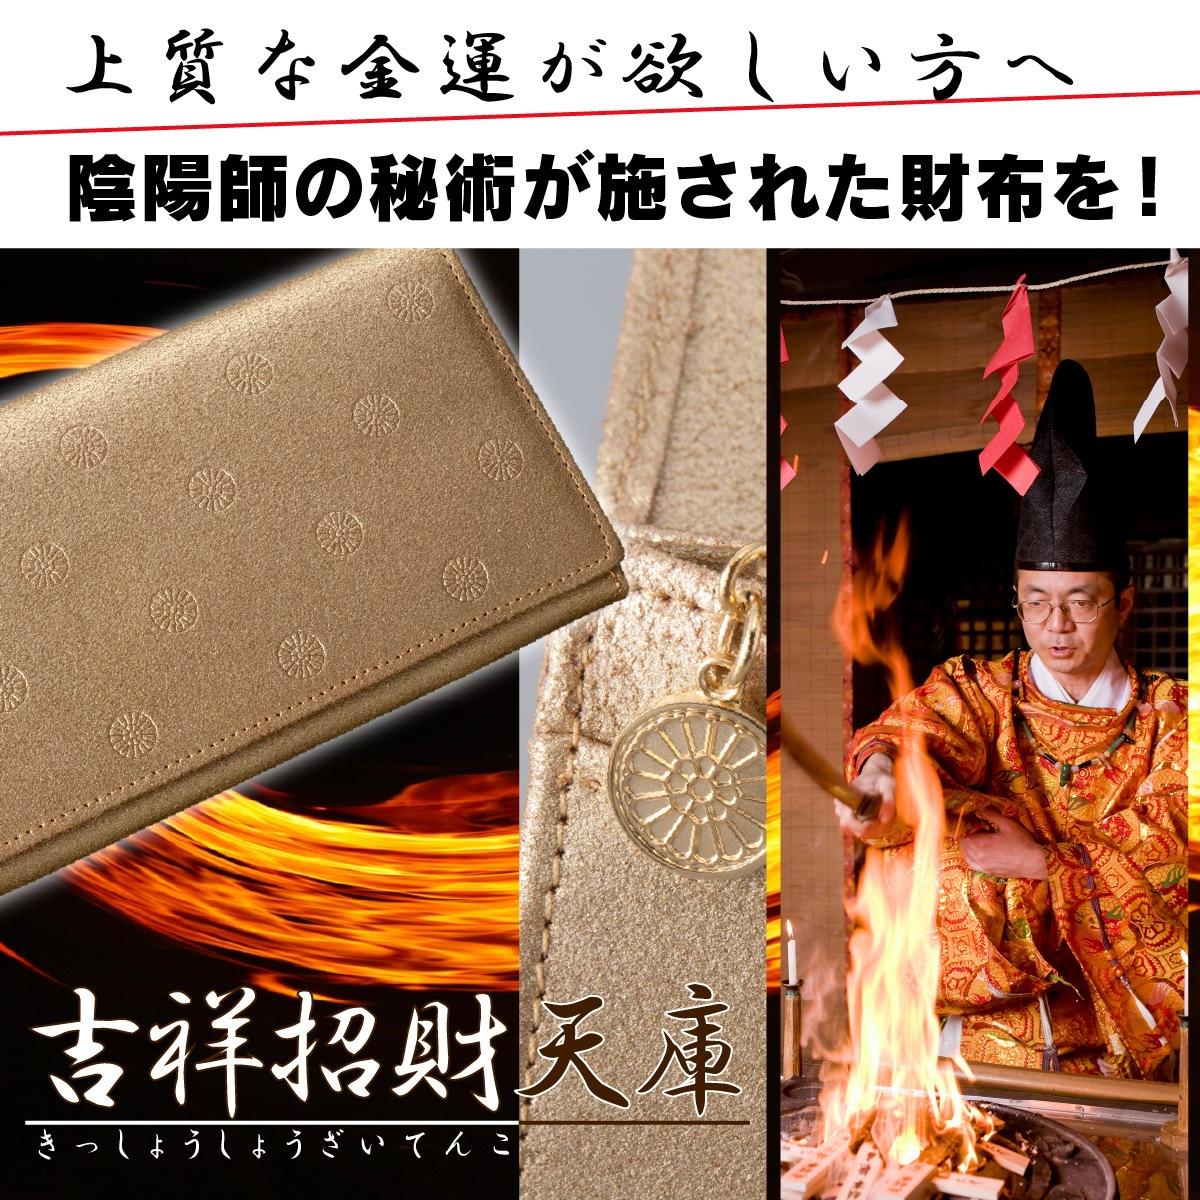 【陰陽師修法財布】吉祥招財天庫 ≫陰陽師が祈祷を施した黄金の財布